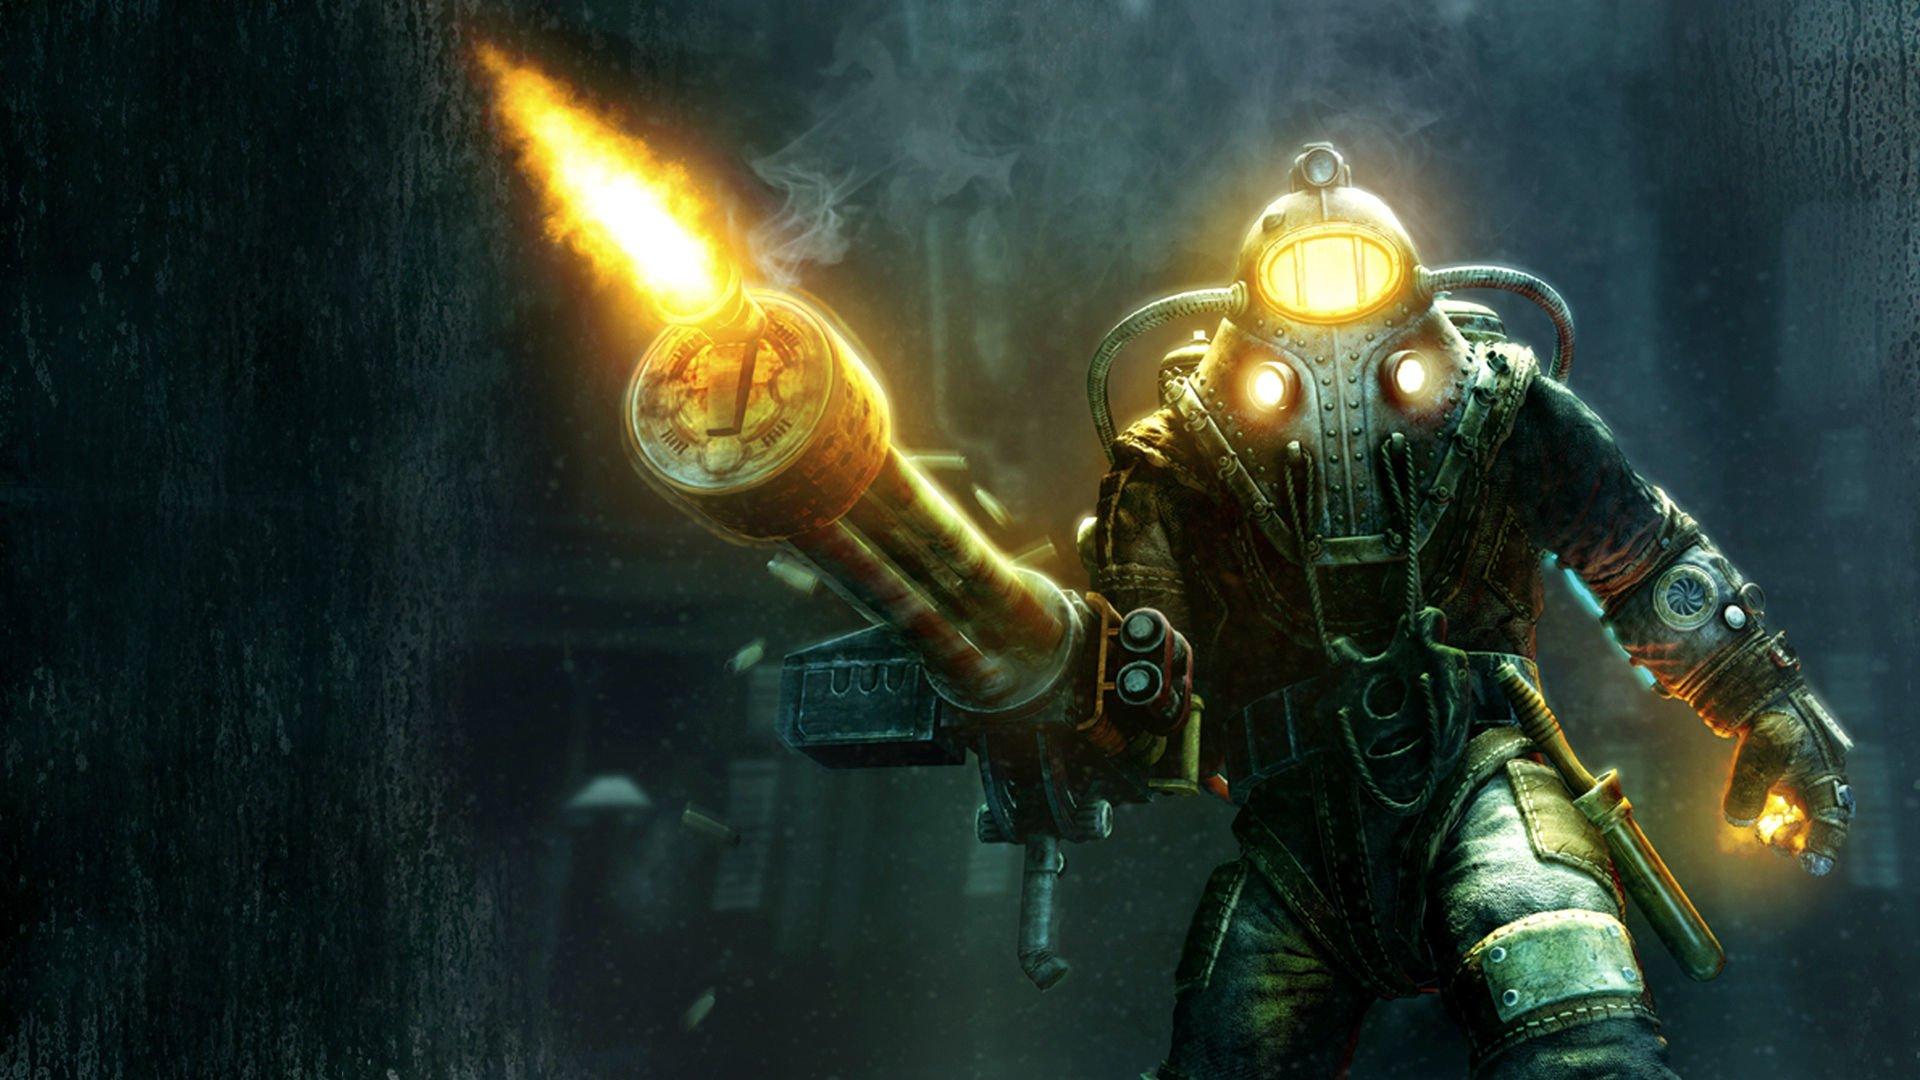 Bioshock 2 HD Wallpaper